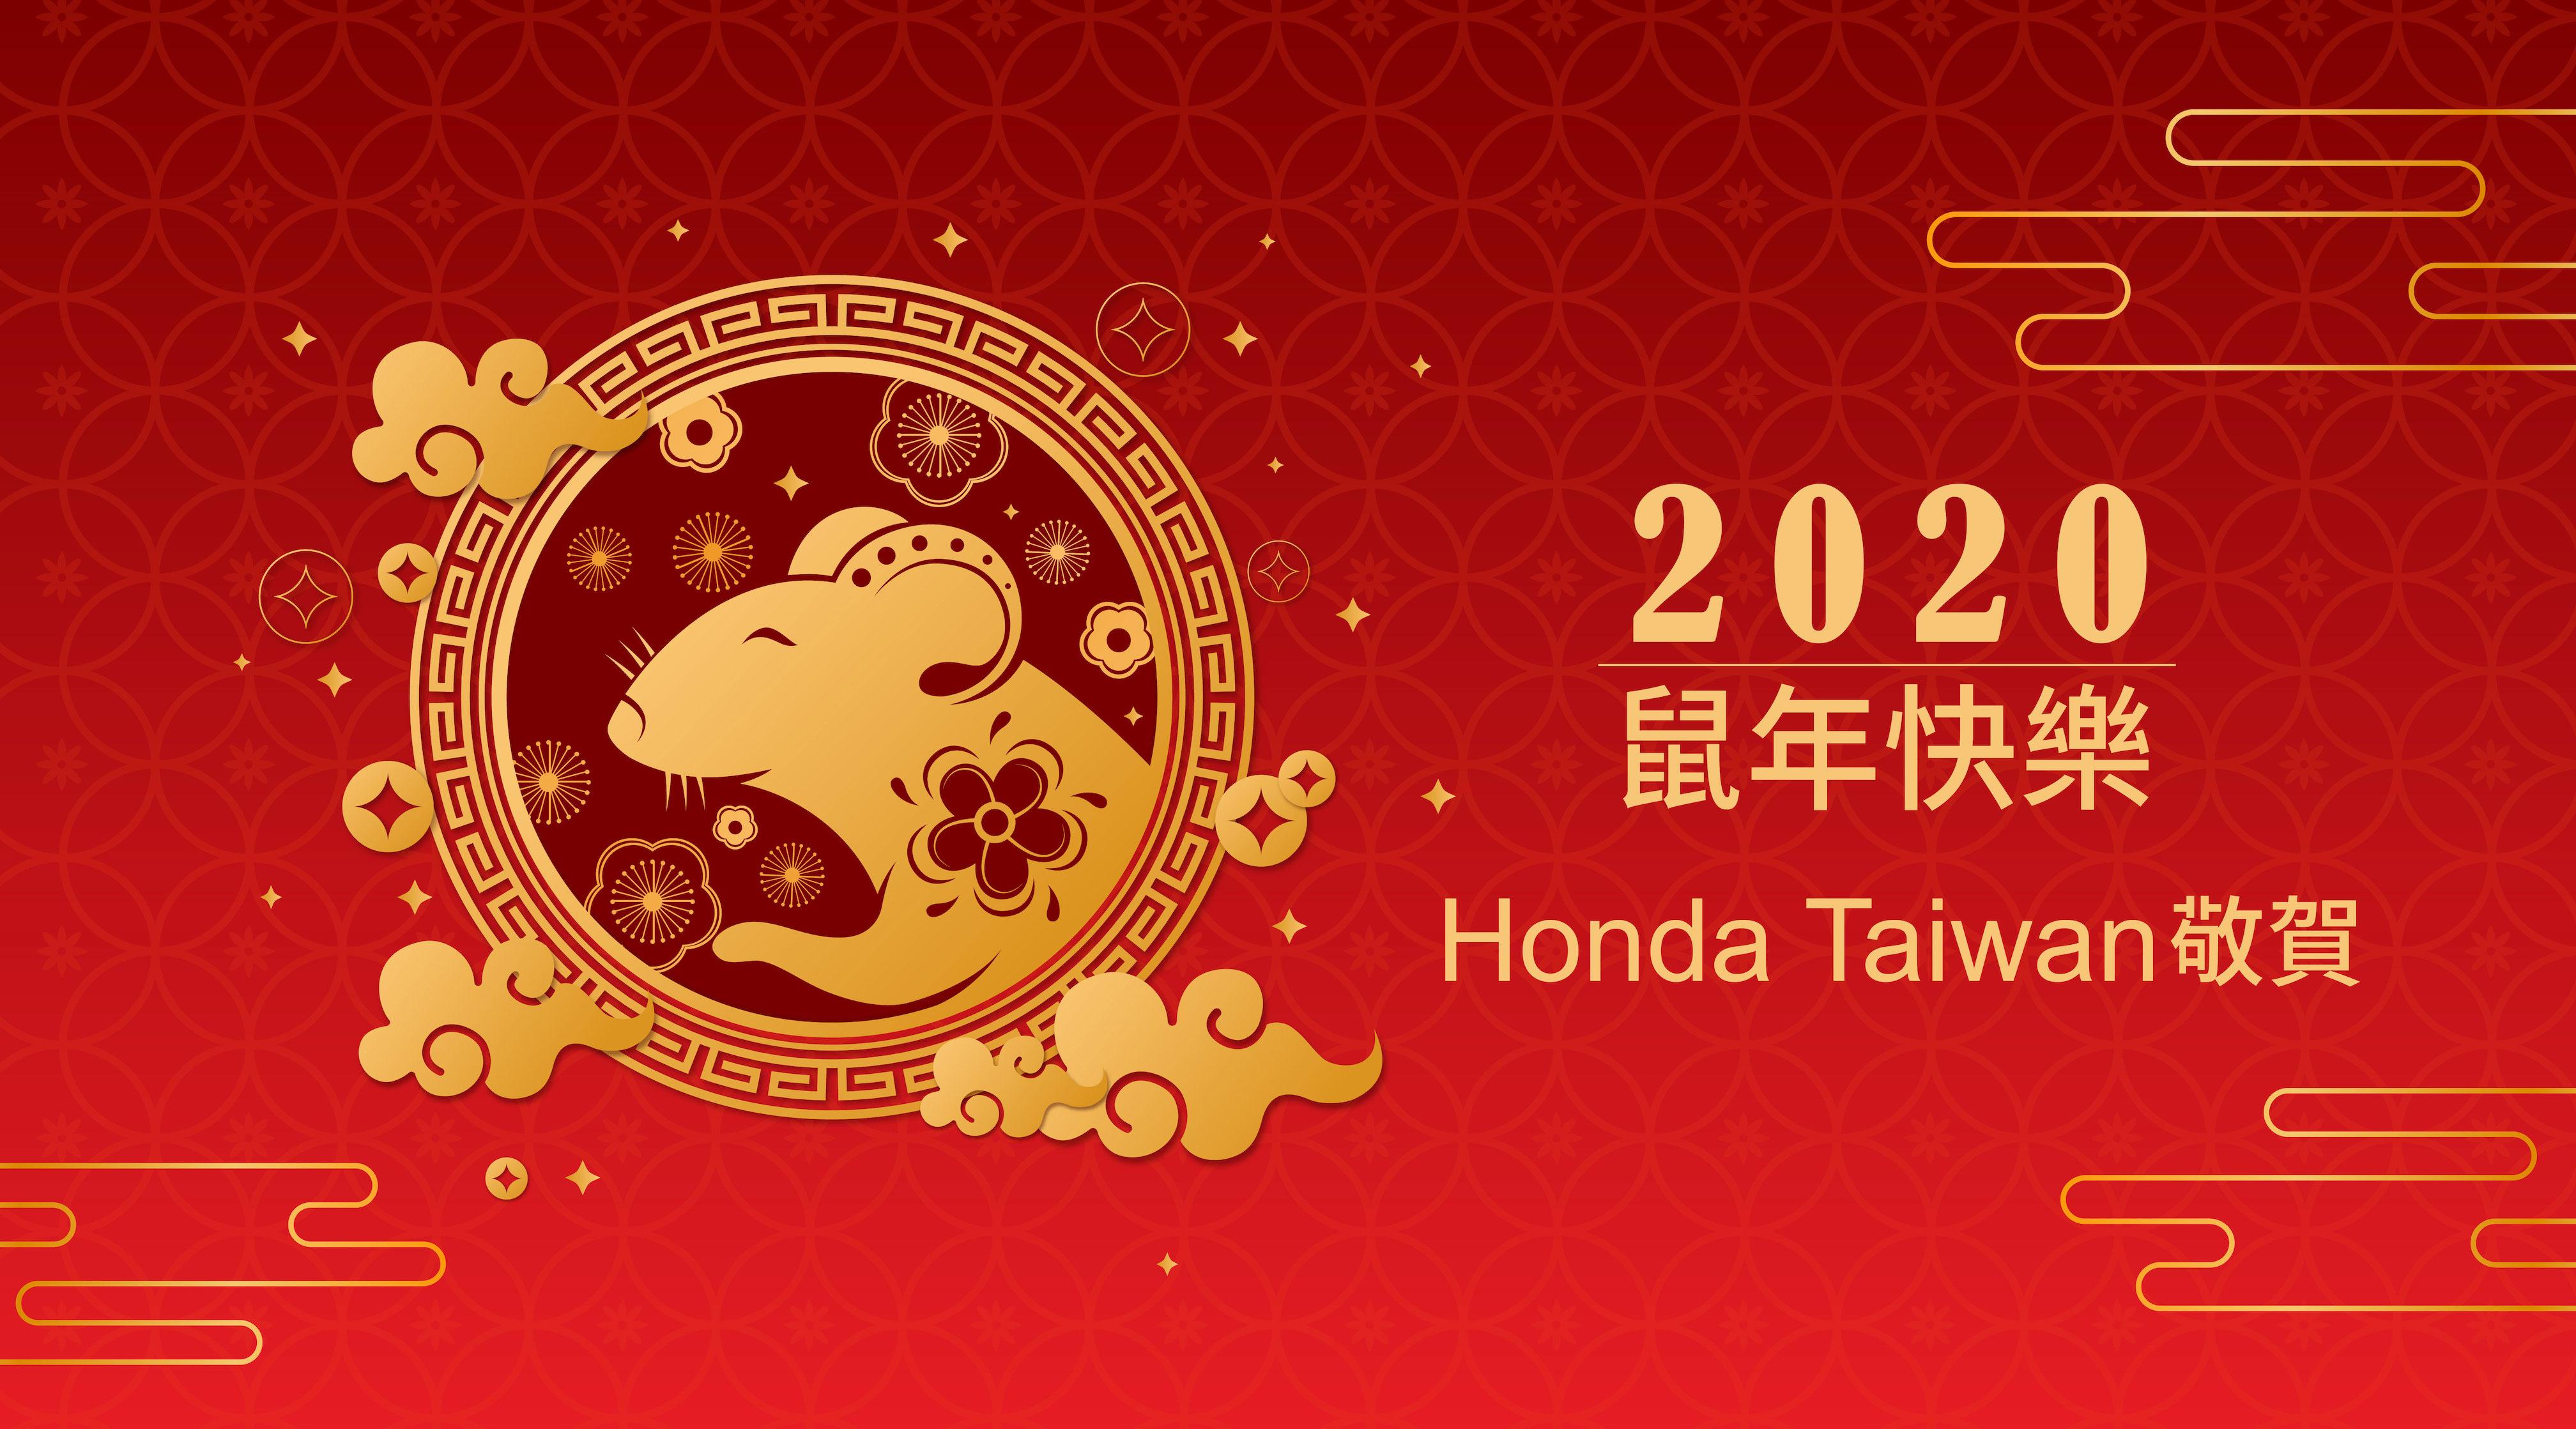 Honda Taiwan 新年活動開跑,品牌形象館打卡領紅包